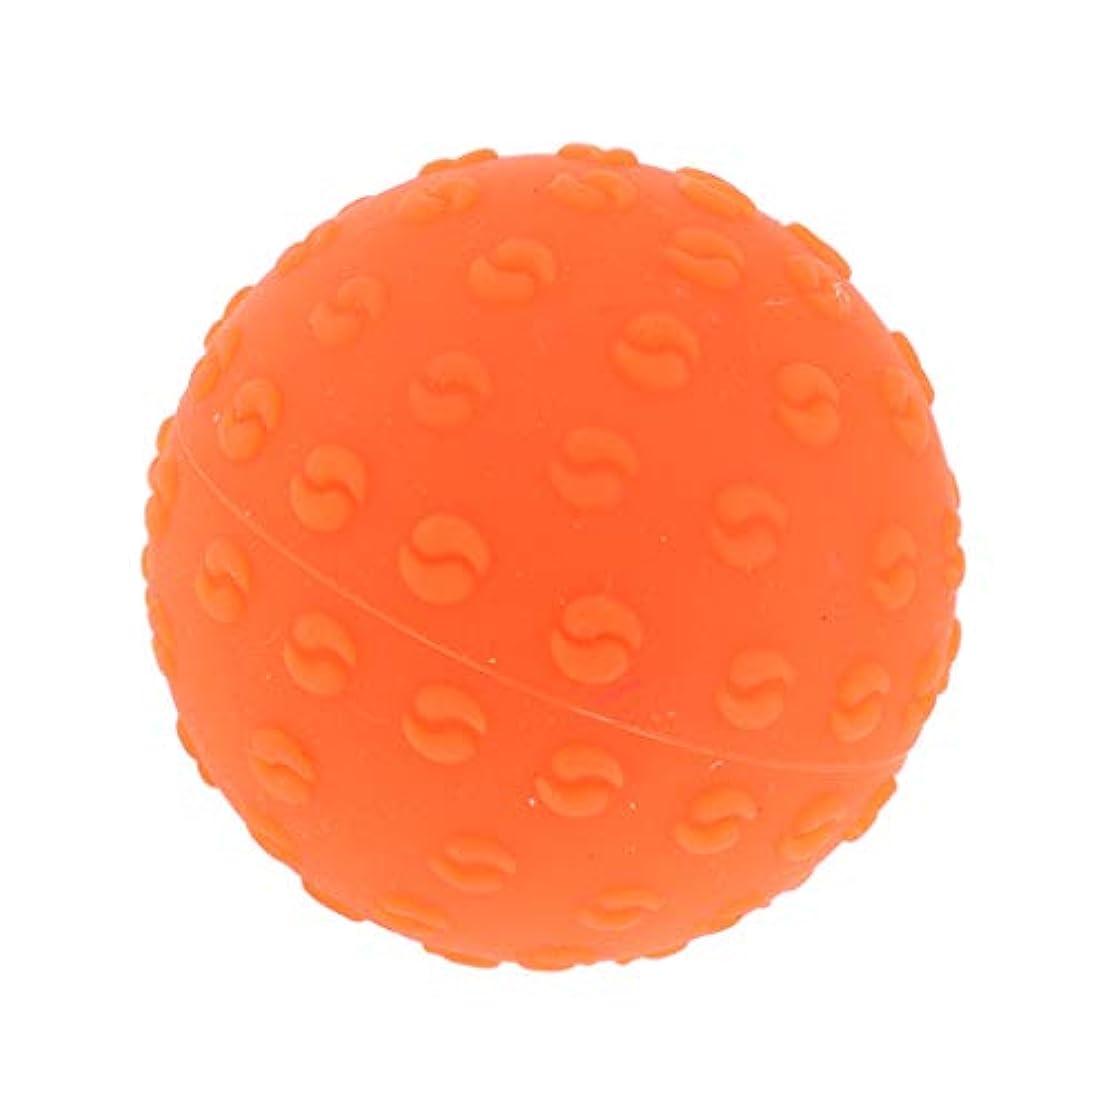 排出中傷申し立てられたマッサージボール 指圧ボール シリコーン トリガーポイント 足底筋膜炎 ヨガ マッサージ器 全6色 - オレンジ, 説明のとおり